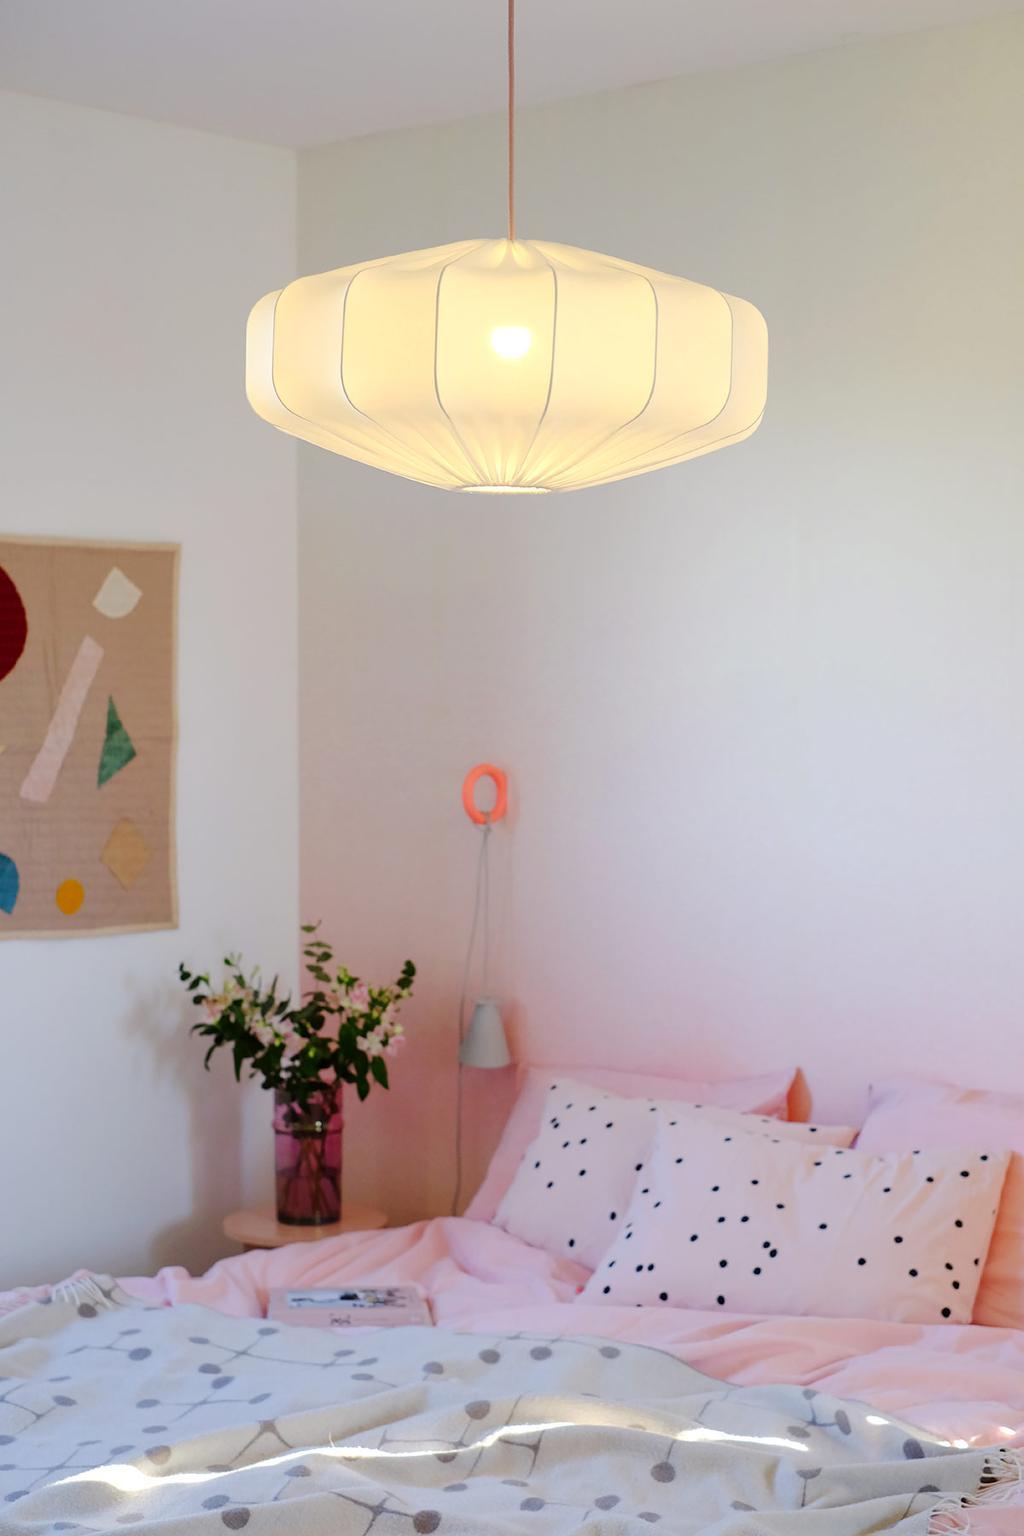 Designlamp van Lampverket in de roze slaapkamer van PRCHTG